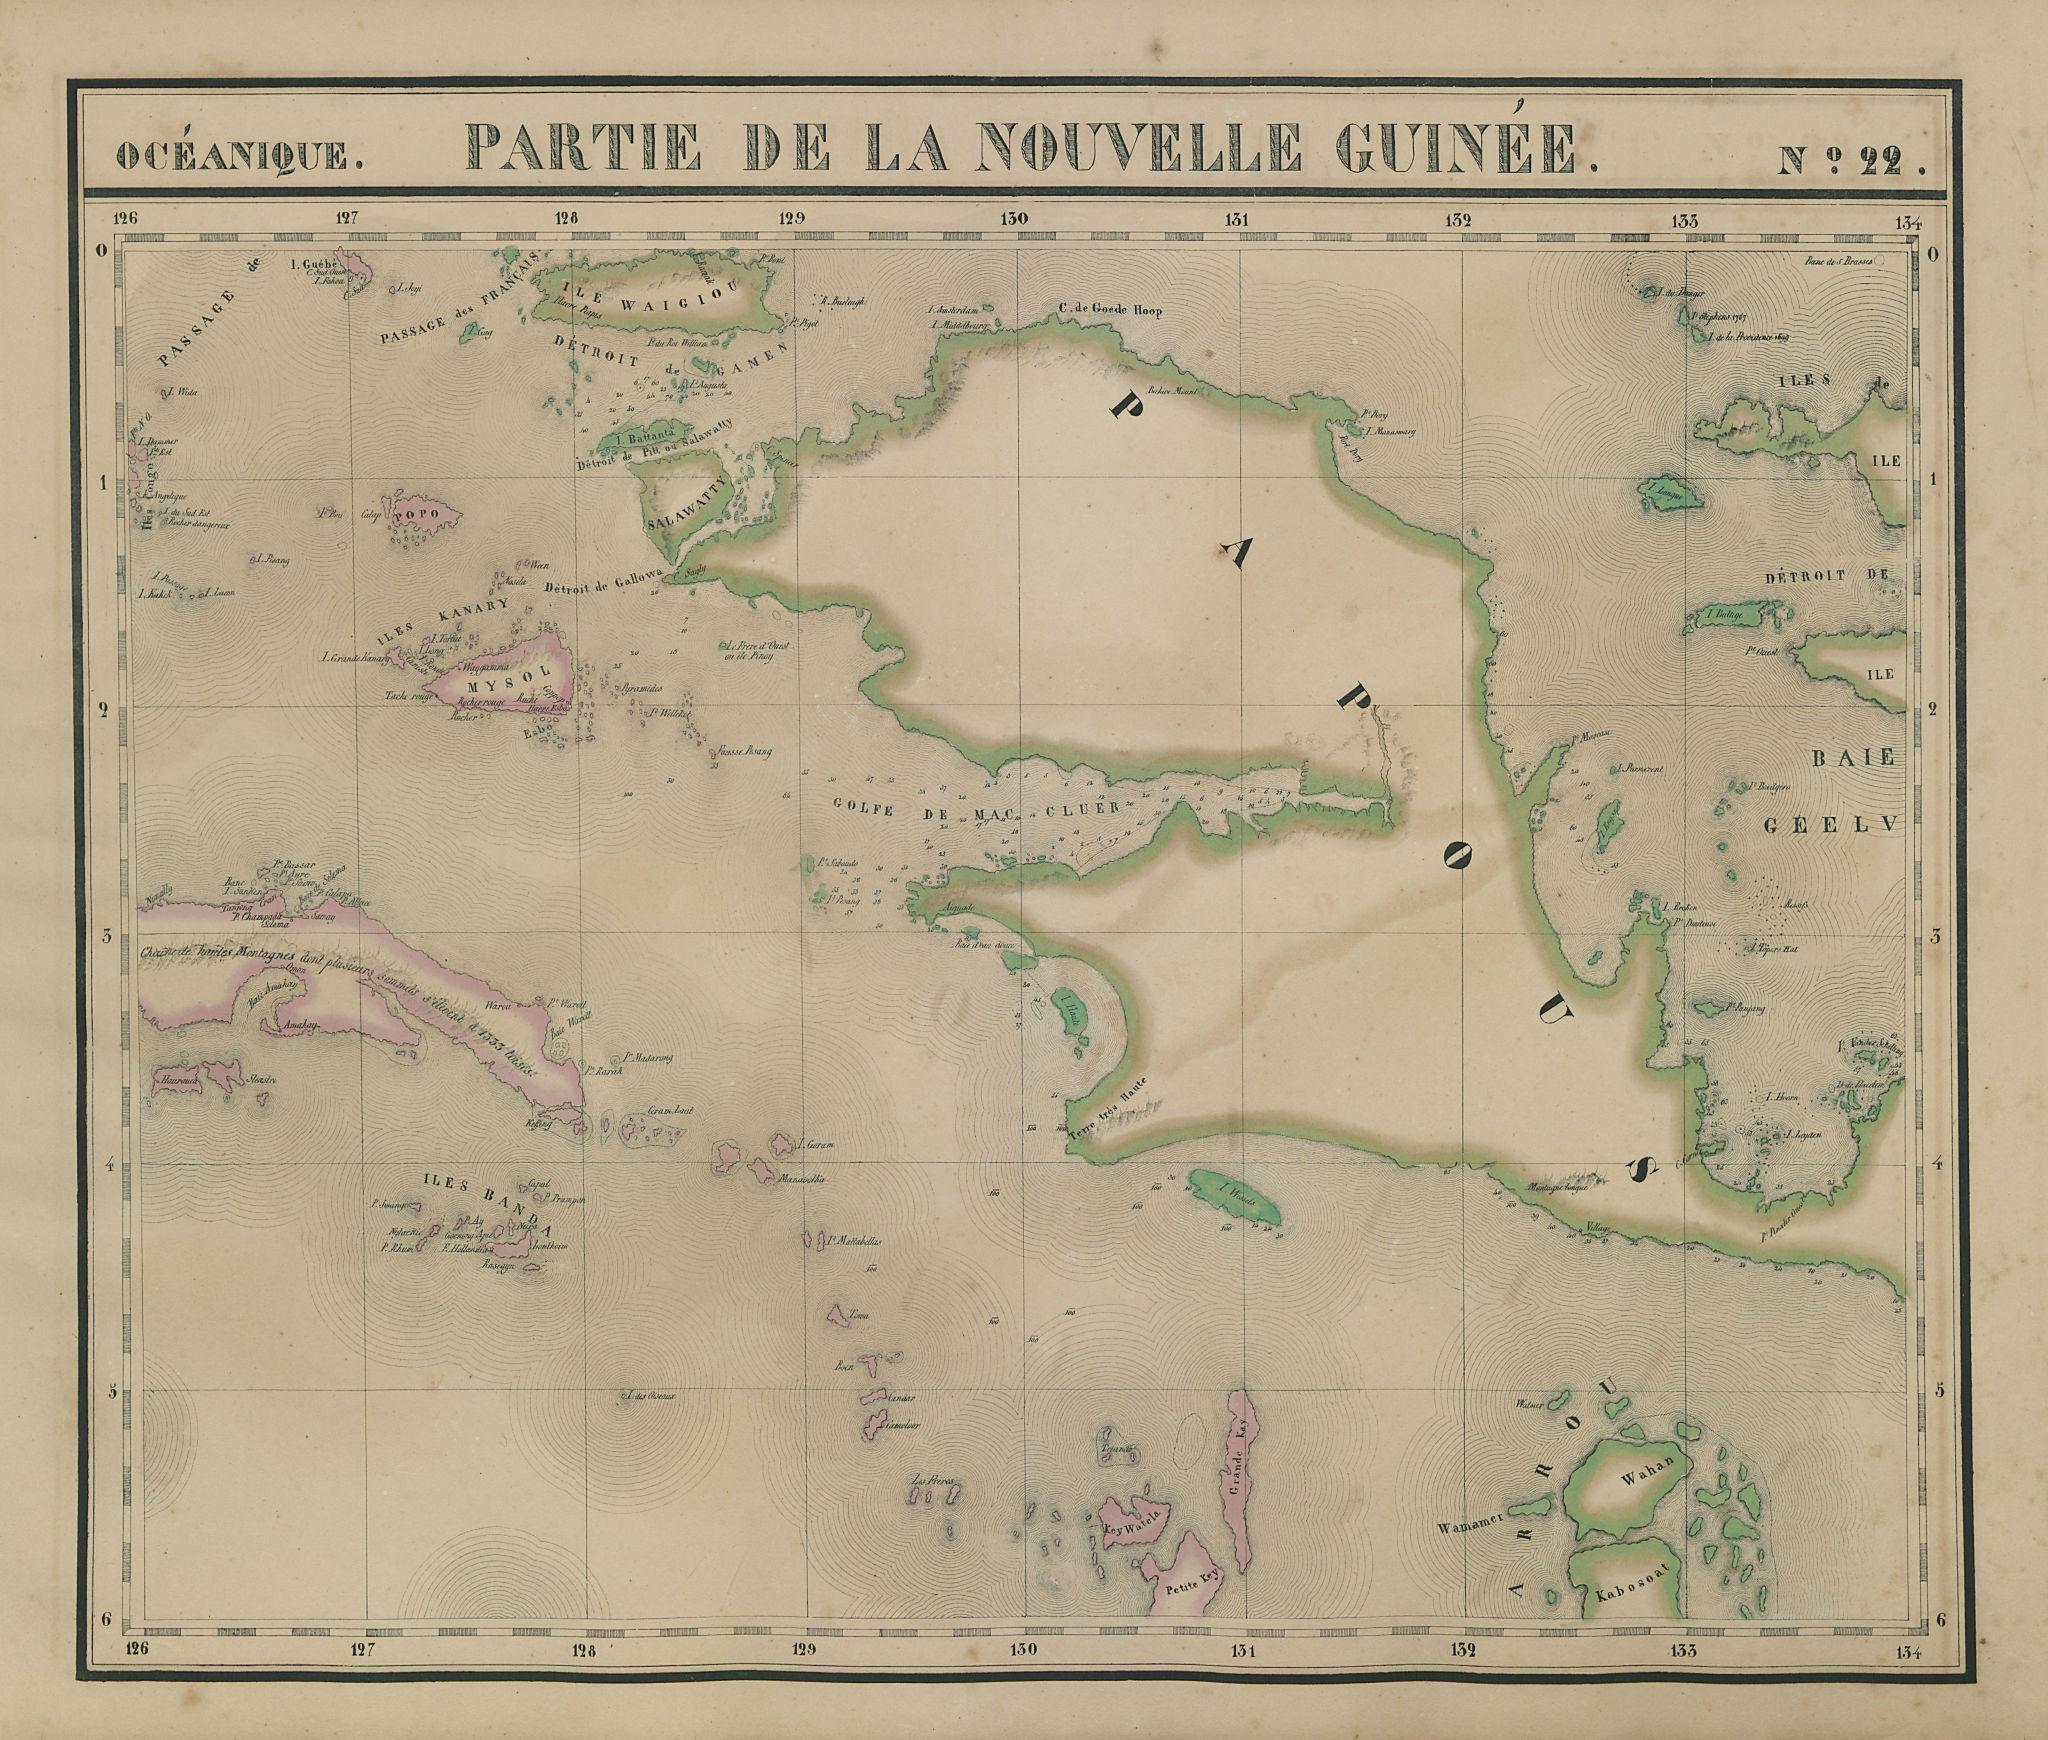 Océanique Partie de la Nouvelle Guinée 22 W Papua Moluccas VANDERMAELEN 1827 map